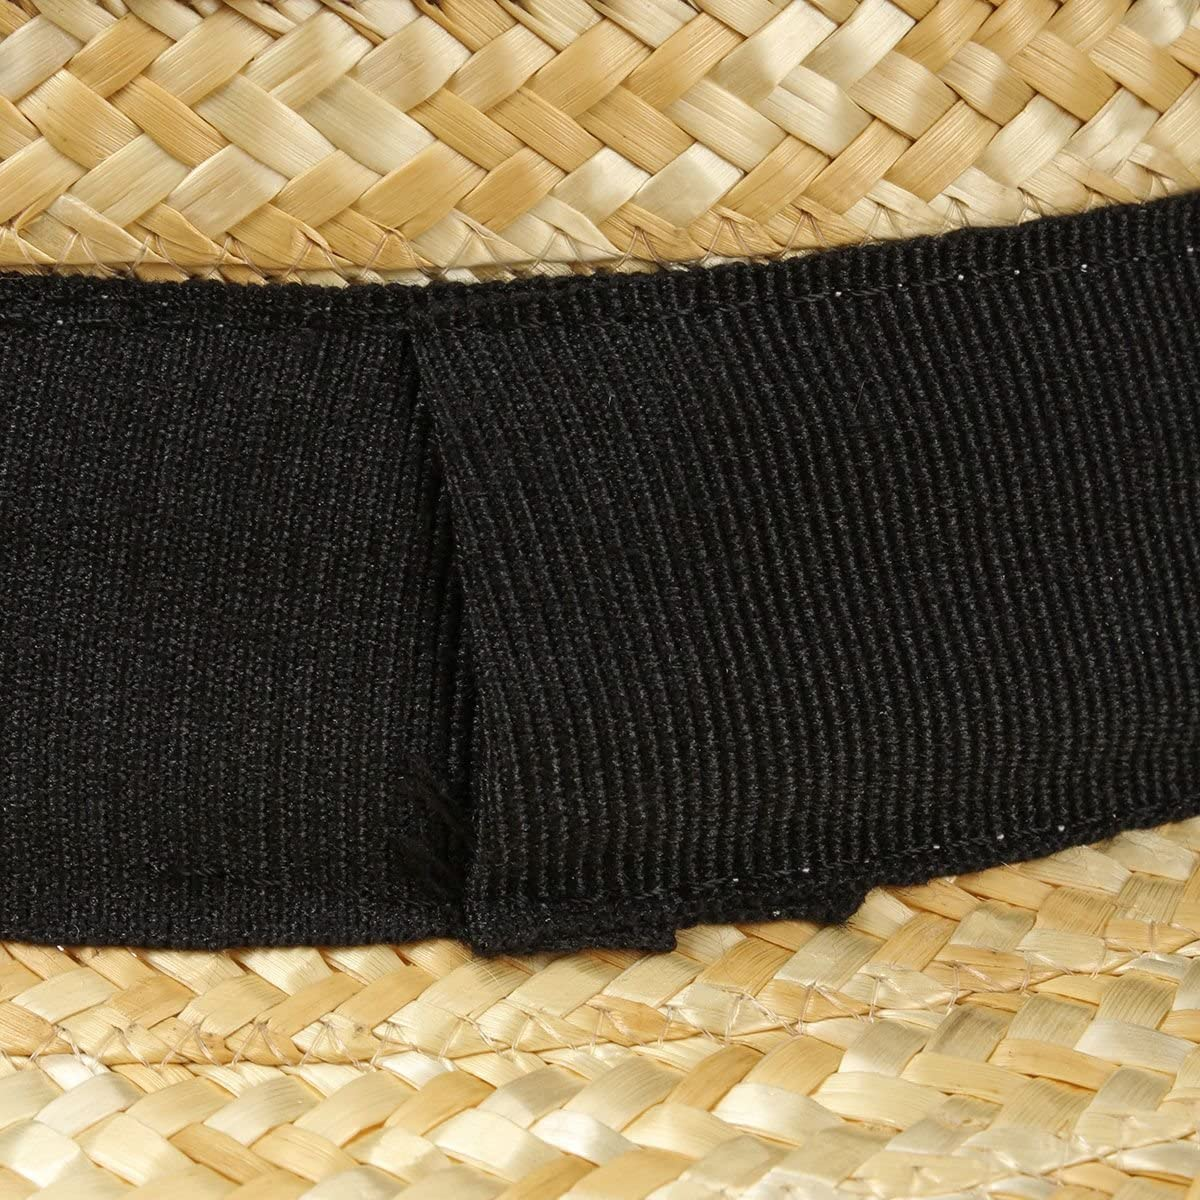 Lipodo Chapeau de Canotier en Paille Femme//Homme Made in Italy DEte Matelot Chapeaux avec Ruban Gros Grain Printemps-ete